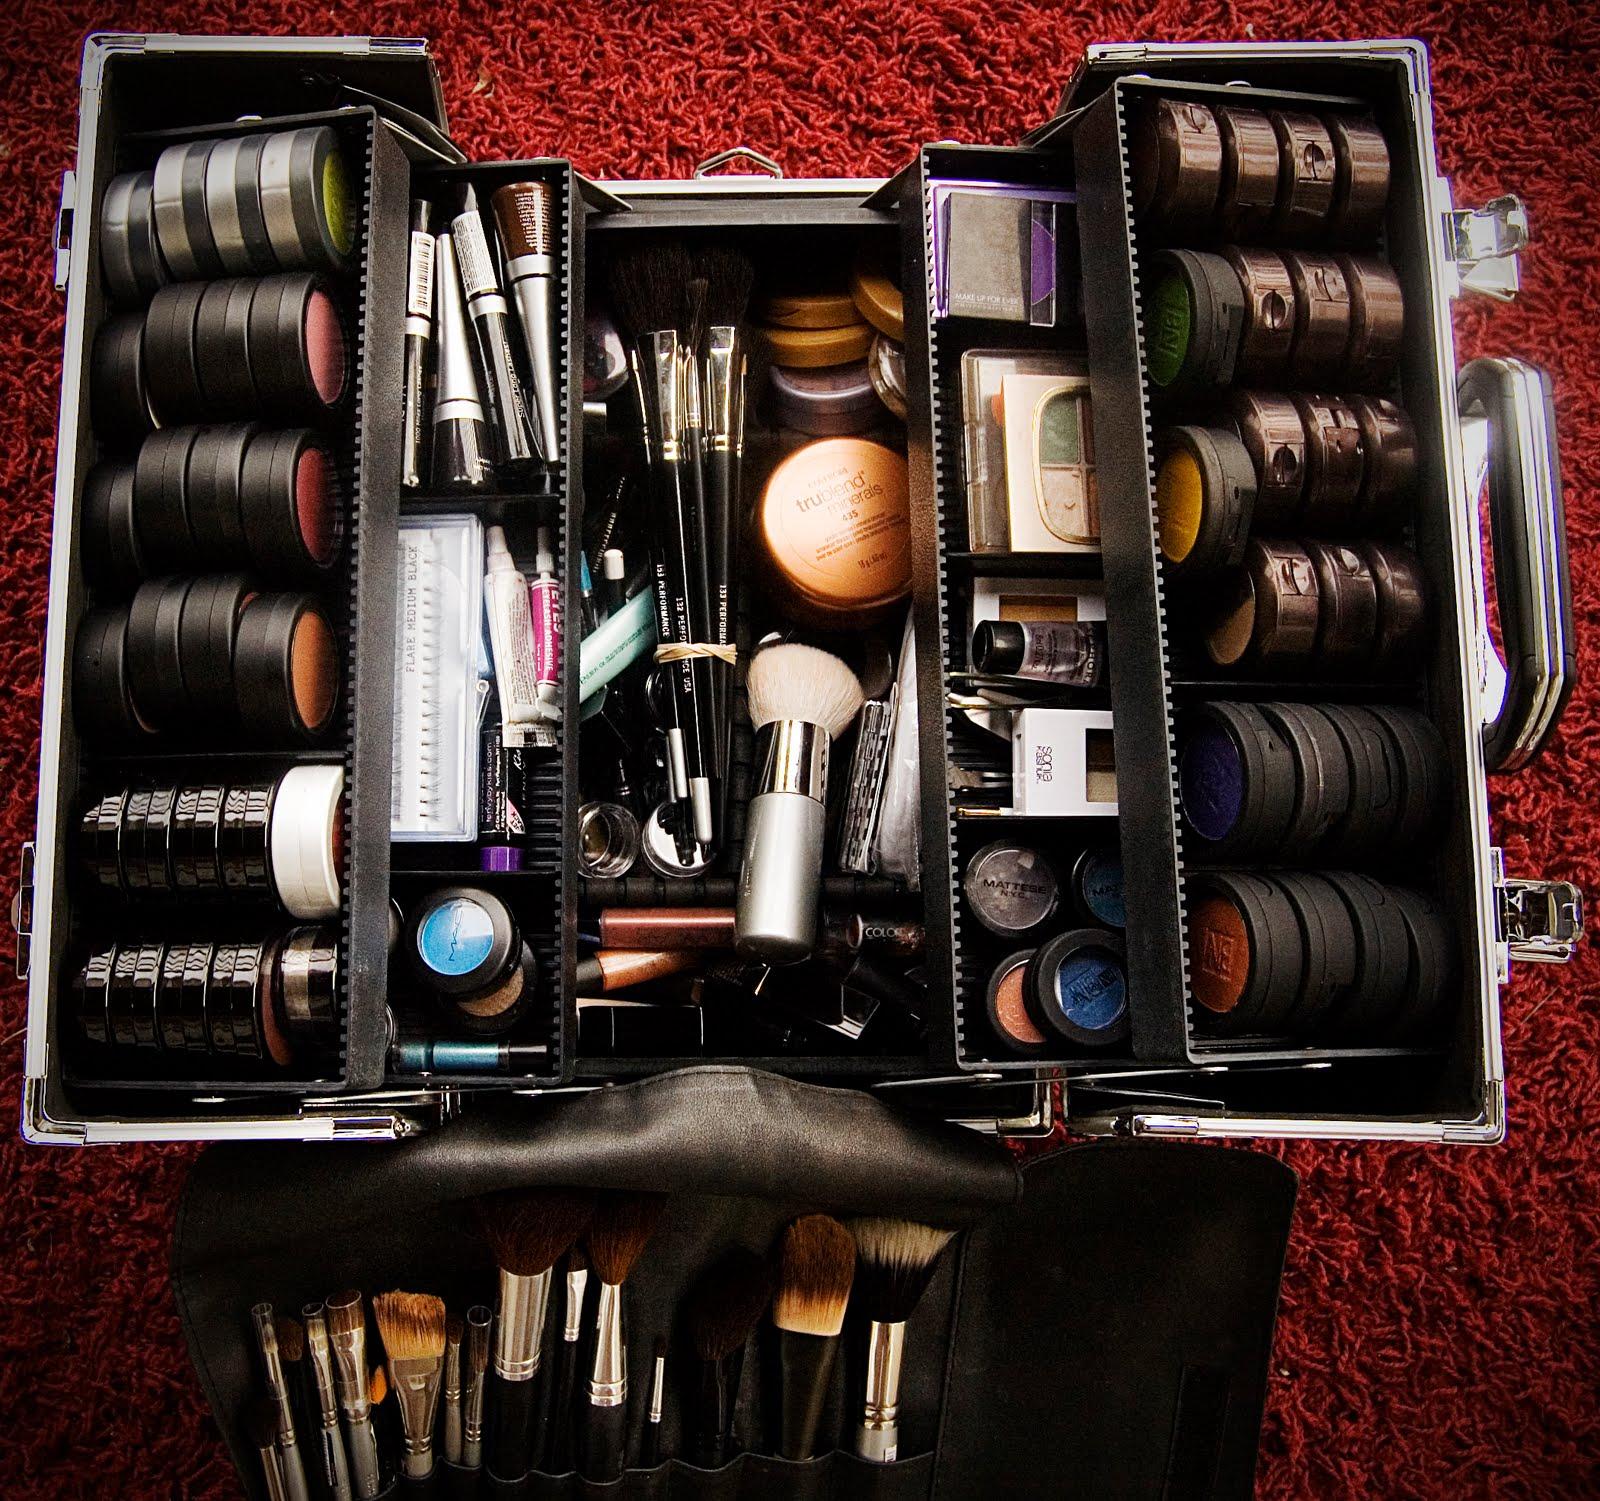 http://4.bp.blogspot.com/__kuGCZs_qs4/TR5haXwOFzI/AAAAAAAAABc/3vitH30ZbUc/s1600/makeup.jpg